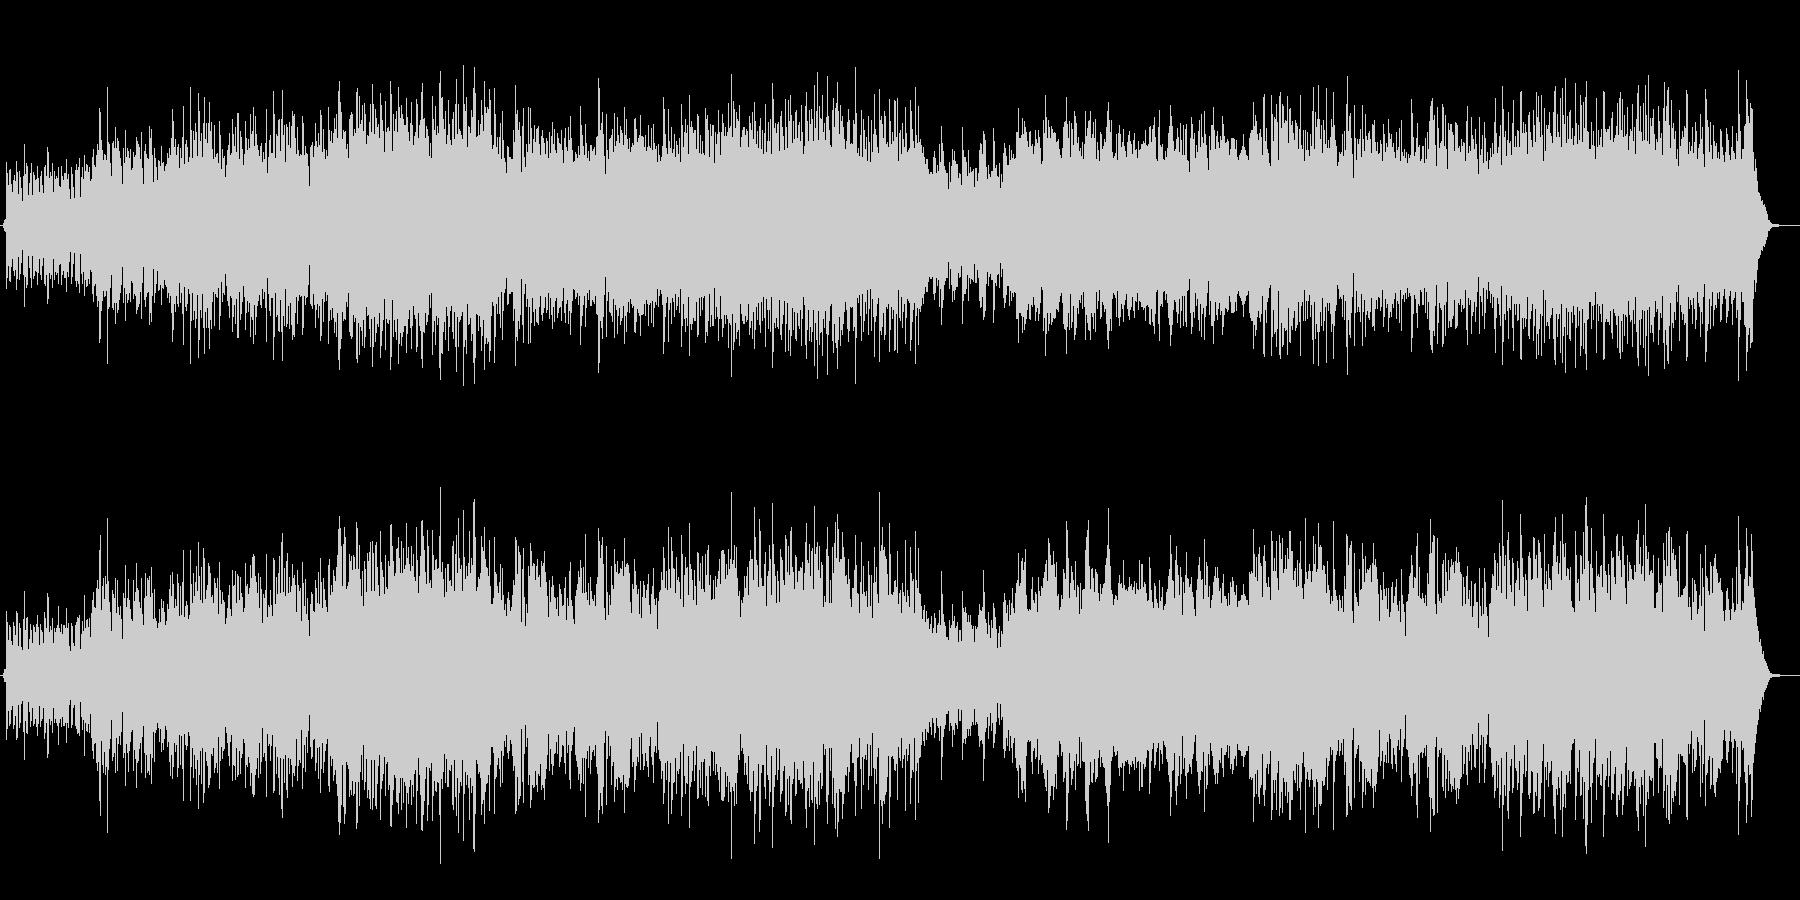 ハイテンポベースとピアノアドリブジャズ曲の未再生の波形